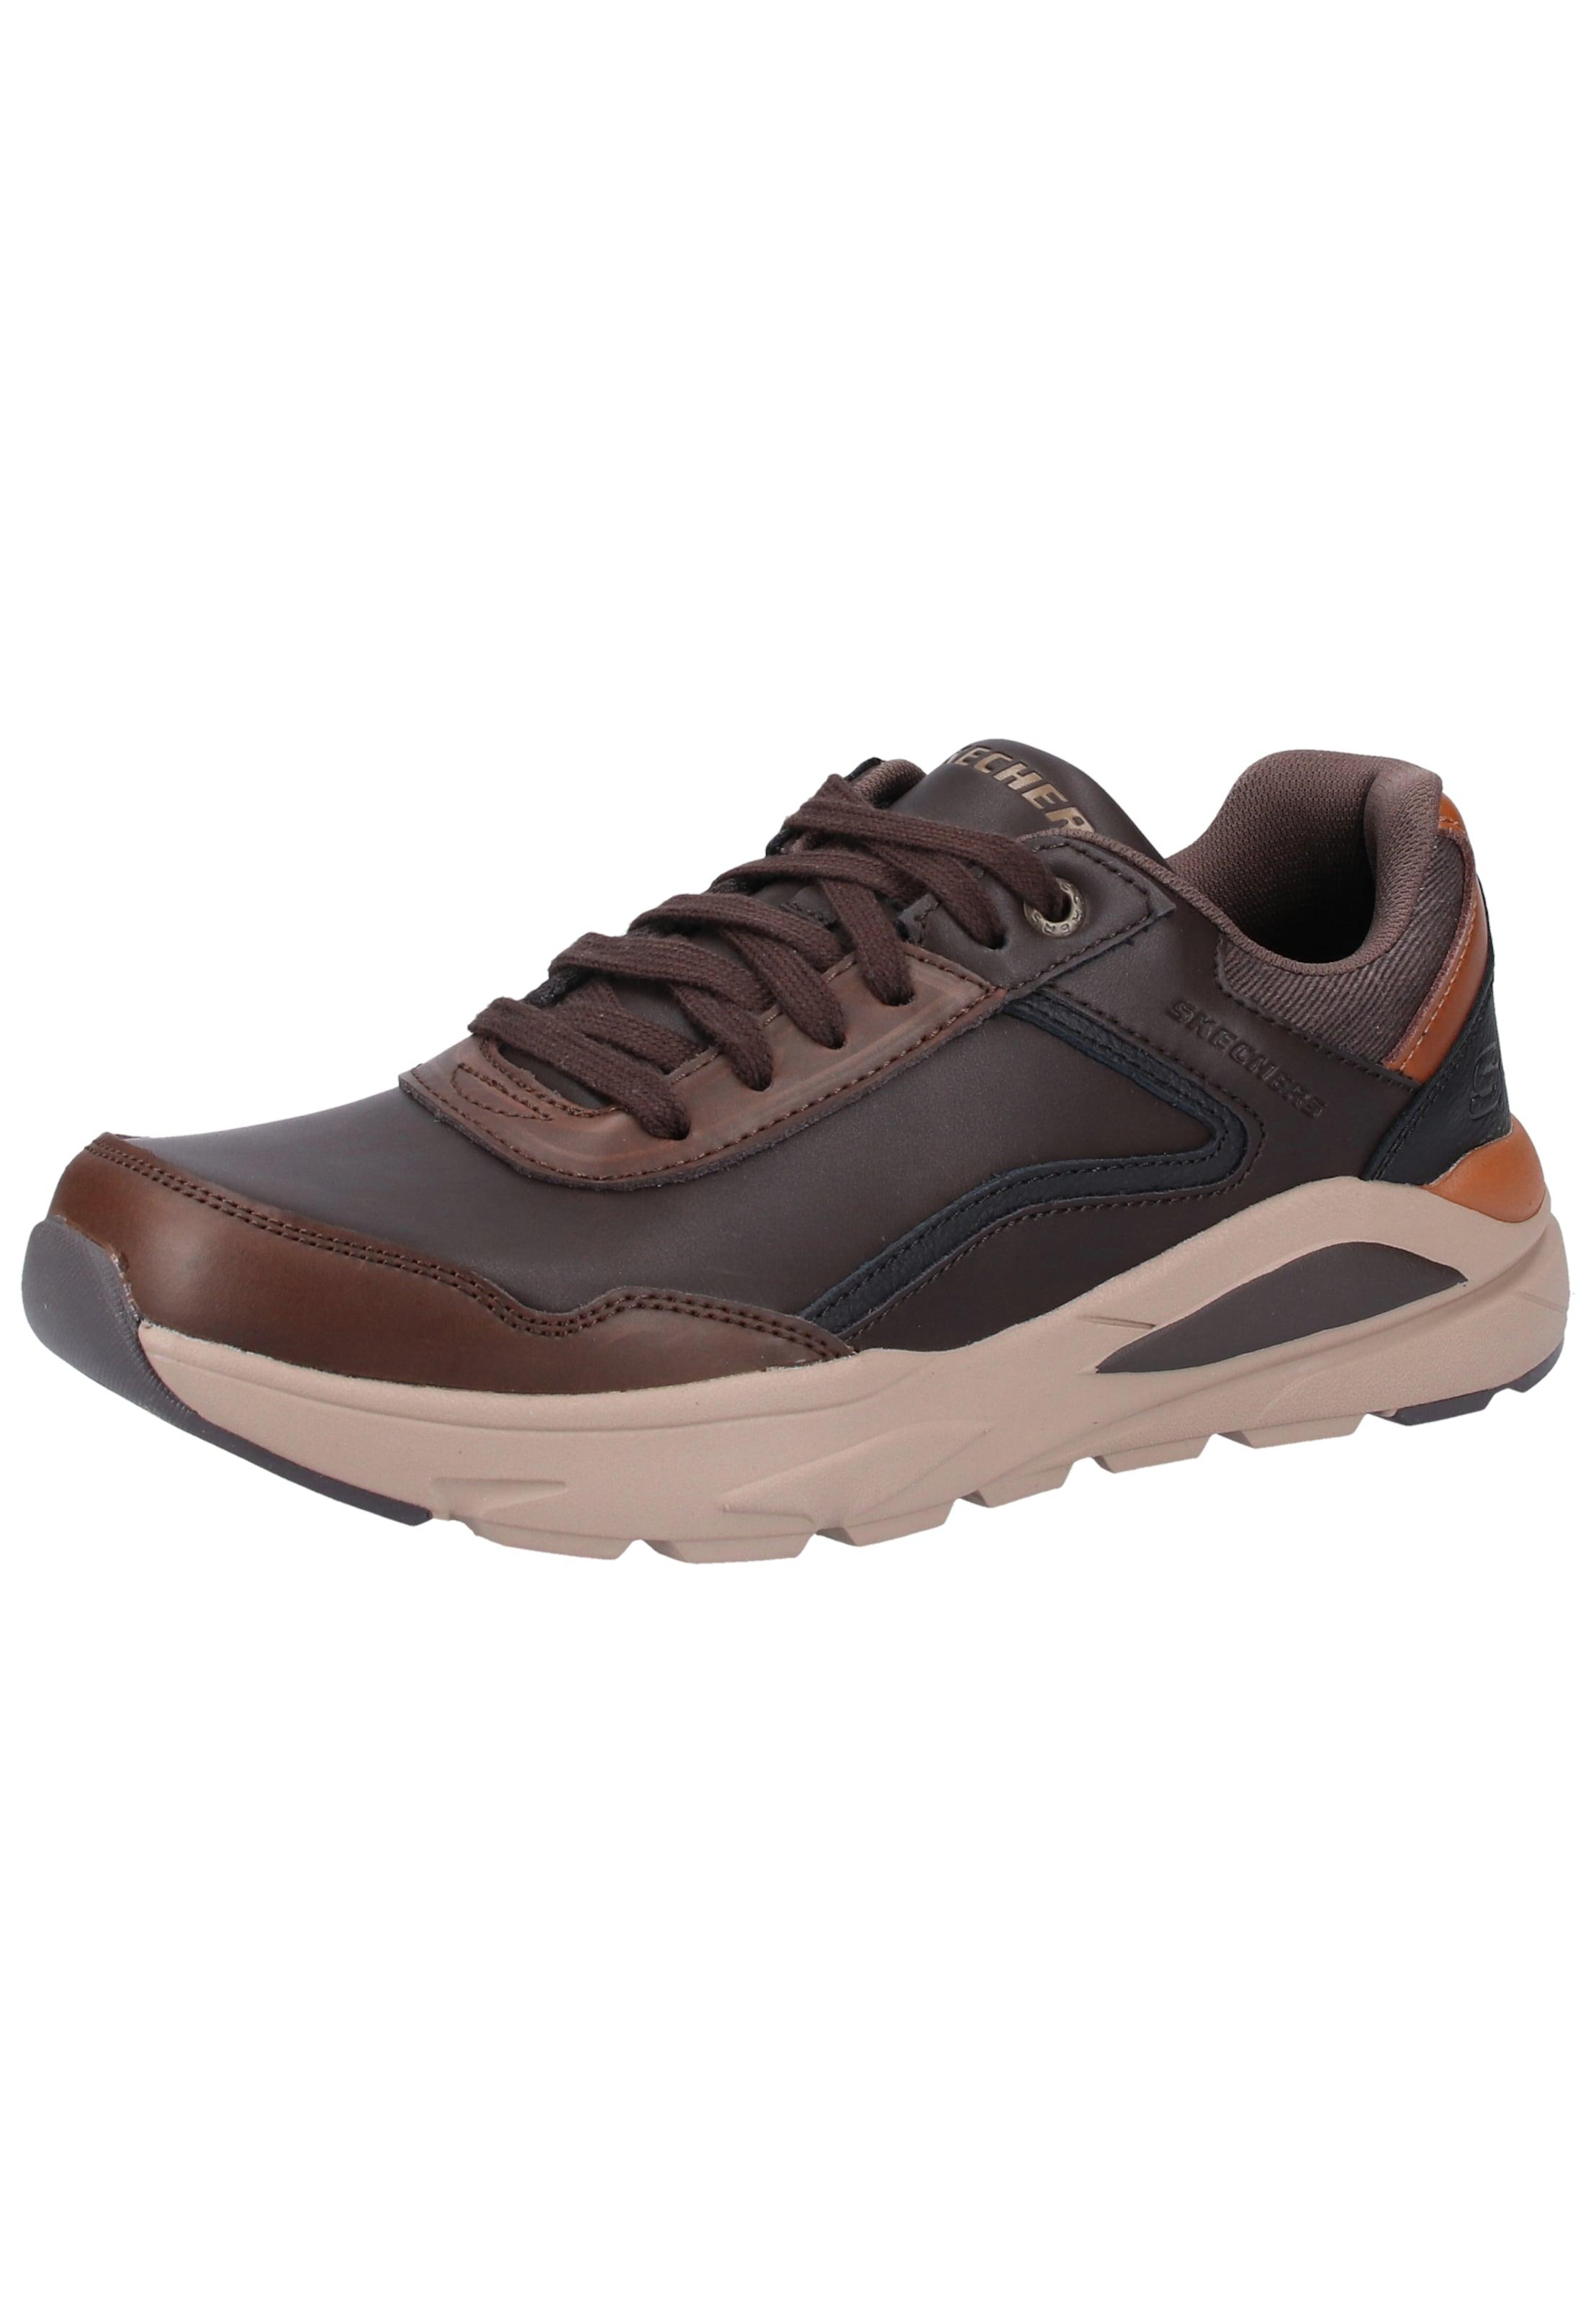 BraunCognac Sneaker Skechers In Dunkelbraun Skechers Sneaker In mOvnyN0w8